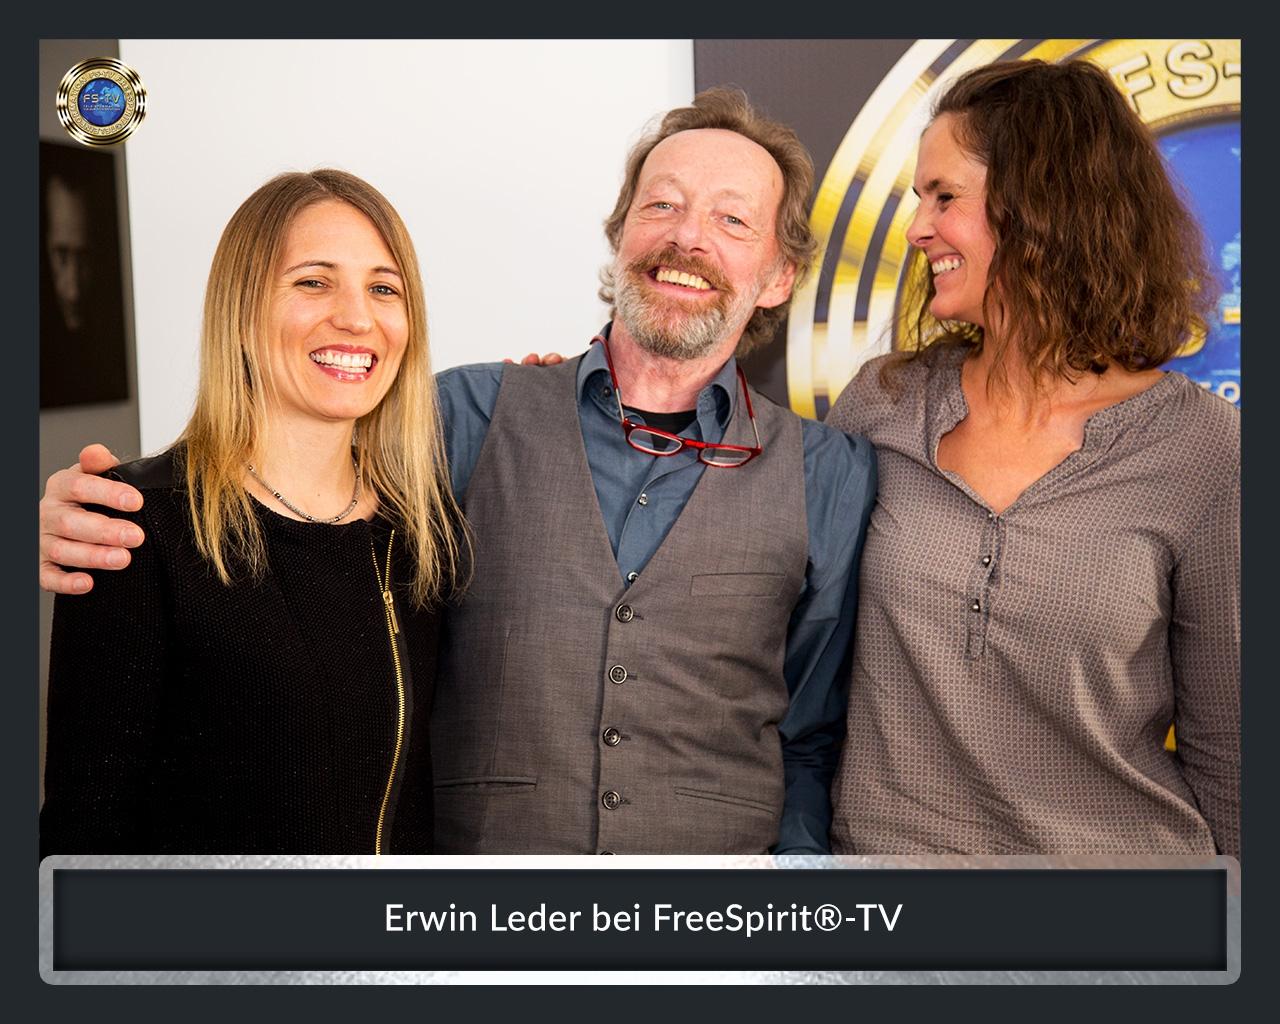 FS-TV-Bildergallerie-Erwin-Leder4